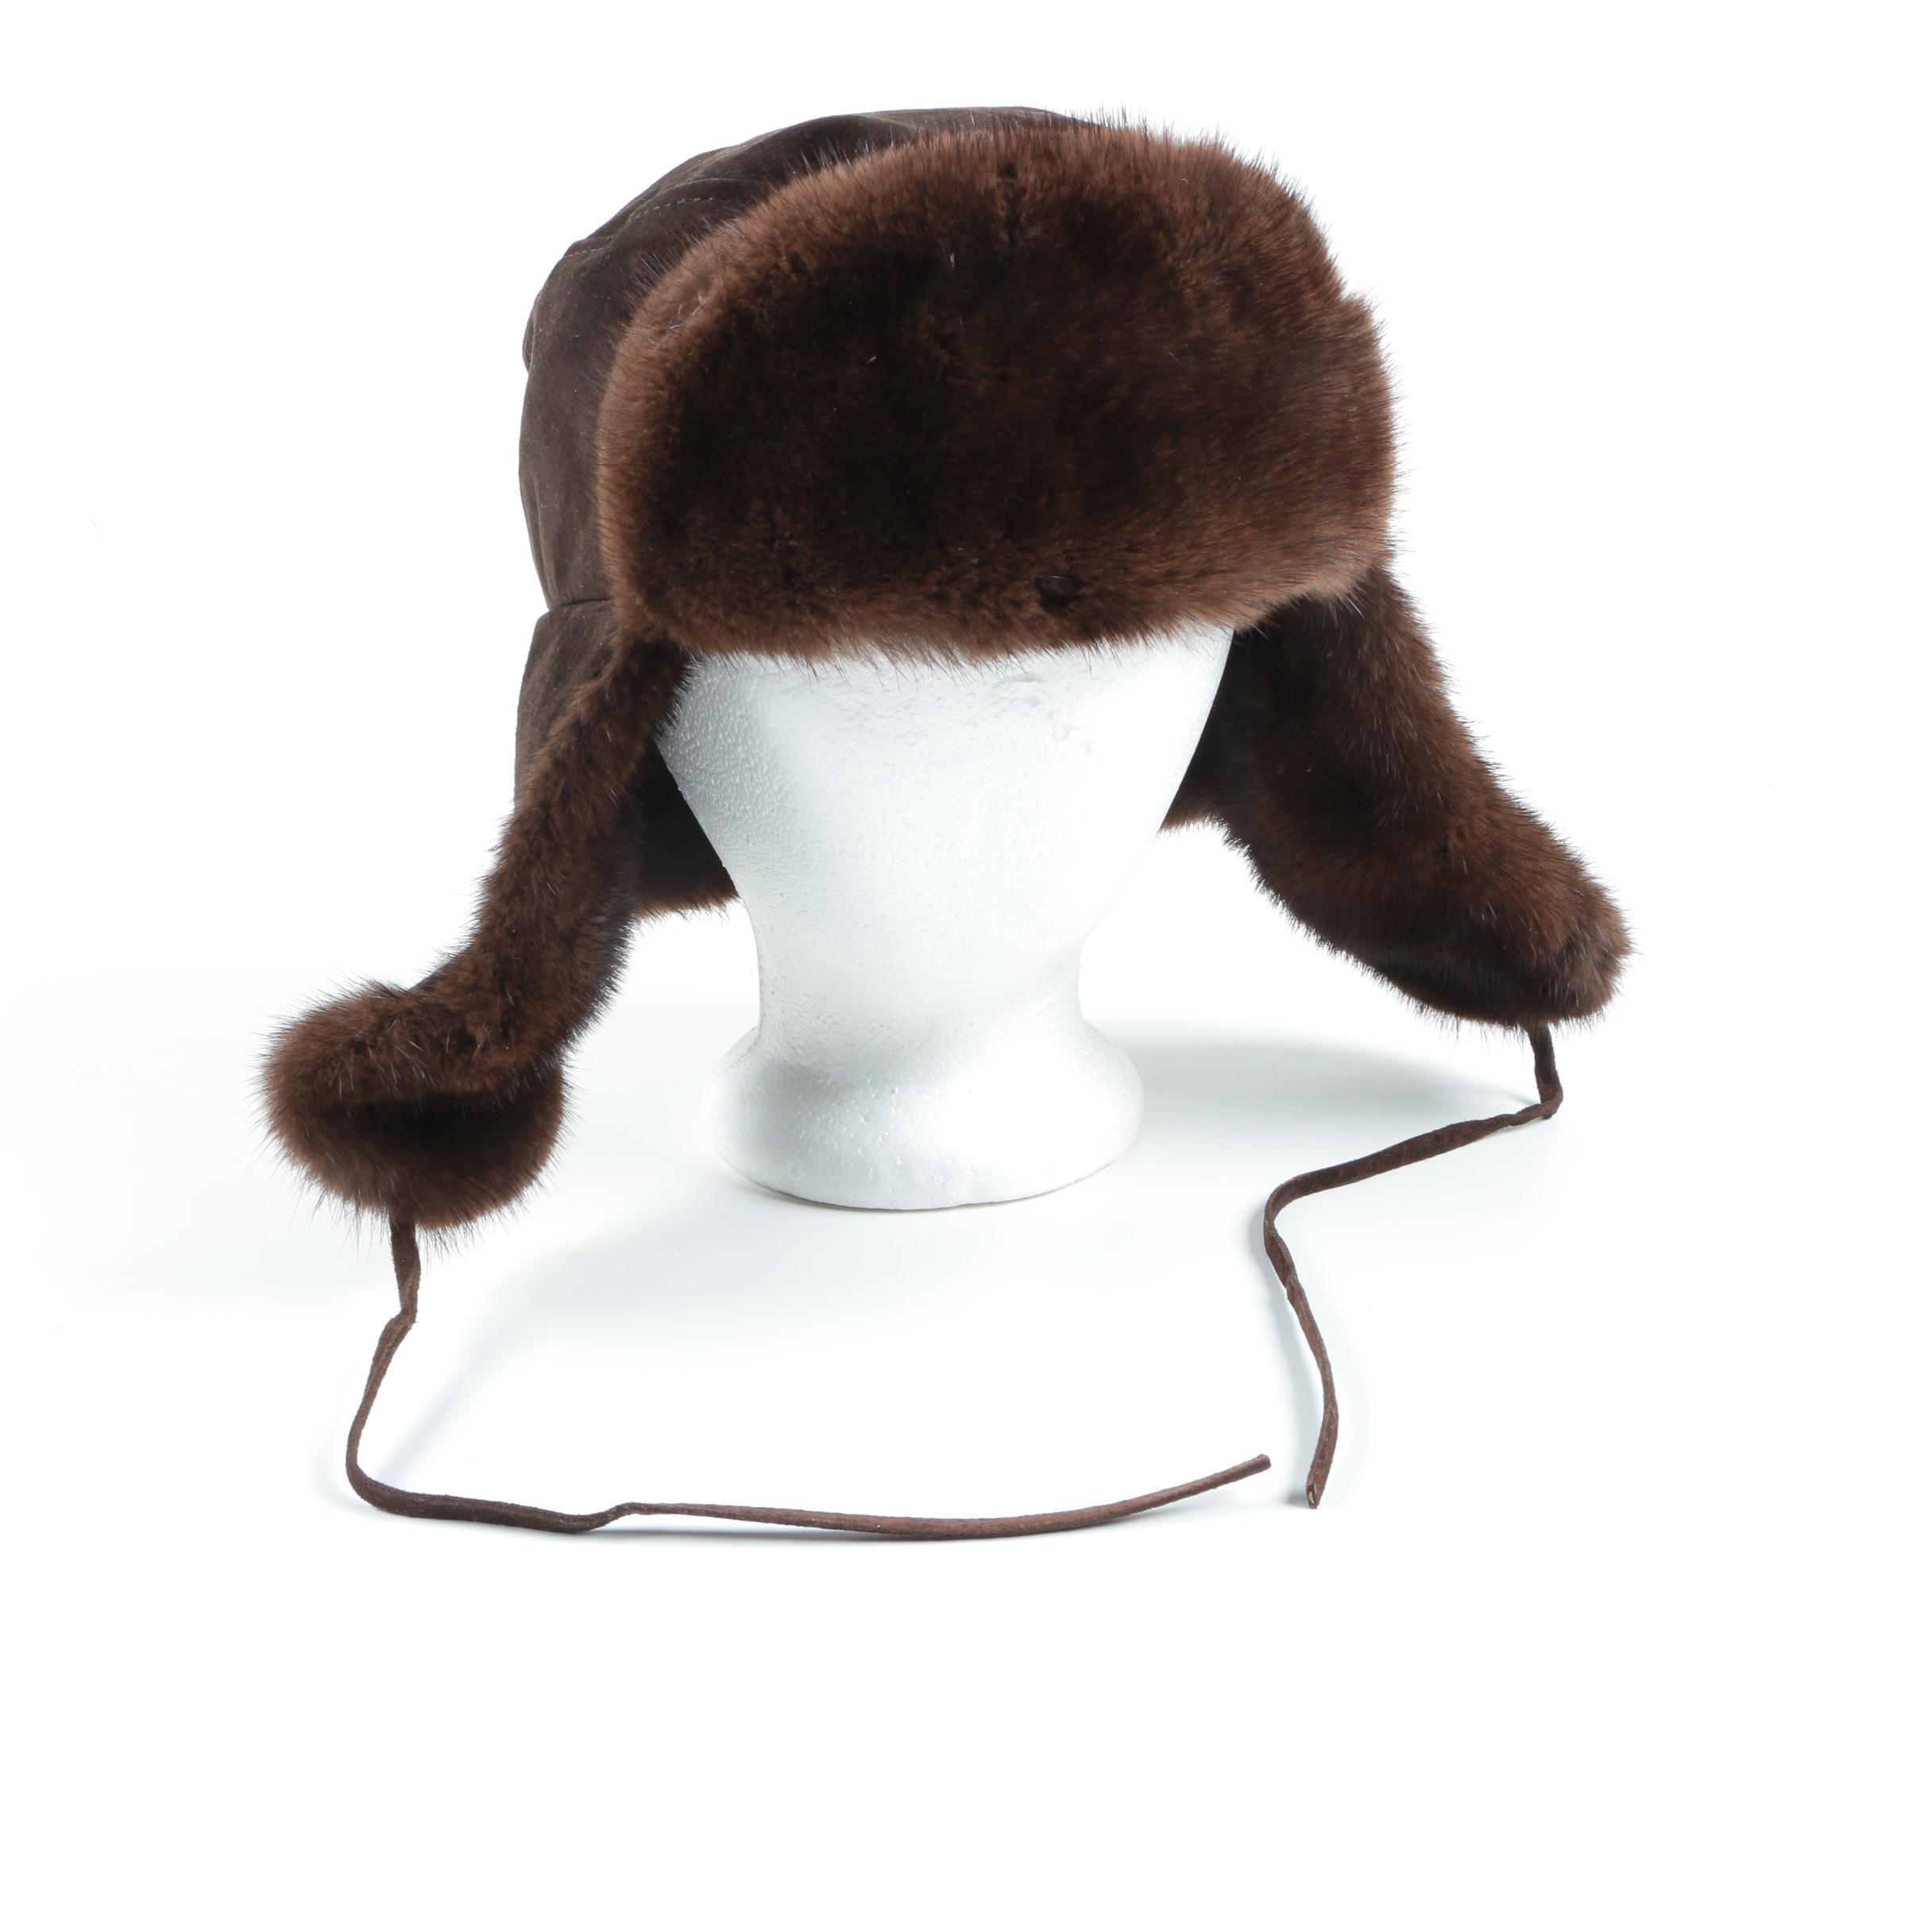 Paul Stuart Brown Suede Leather Mink Fur Trapper Hat